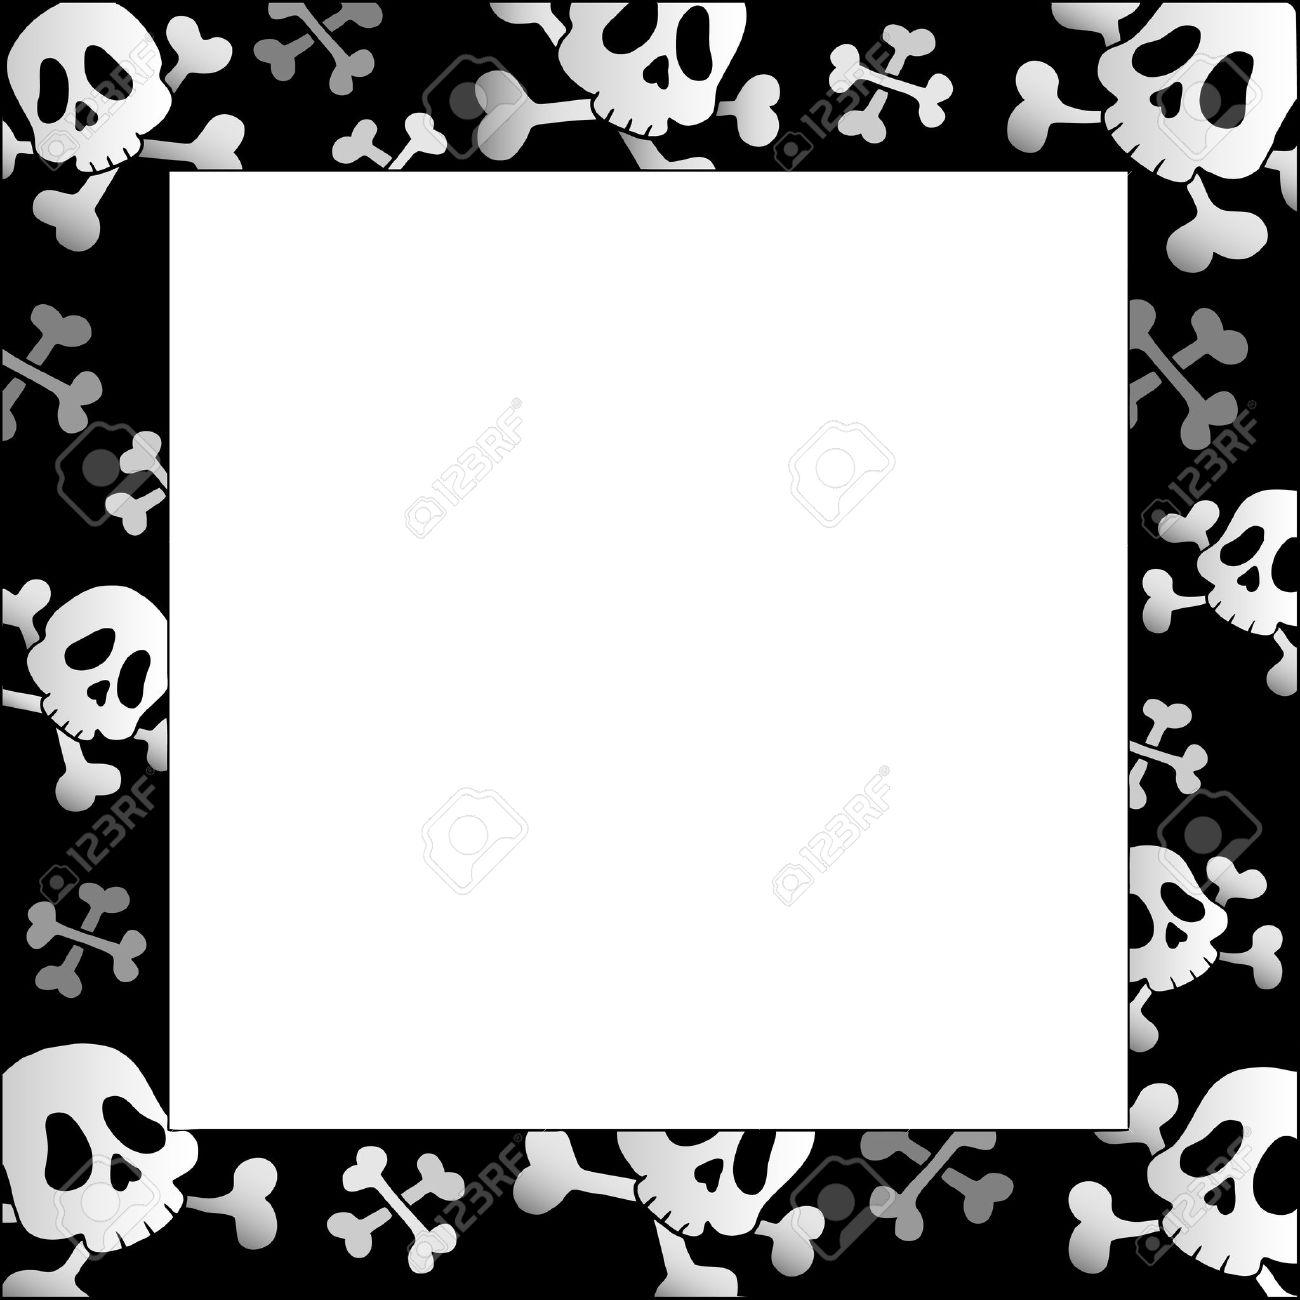 Marco Con Huesos Y Cráneos De Pirata Ilustraciones Vectoriales, Clip ...